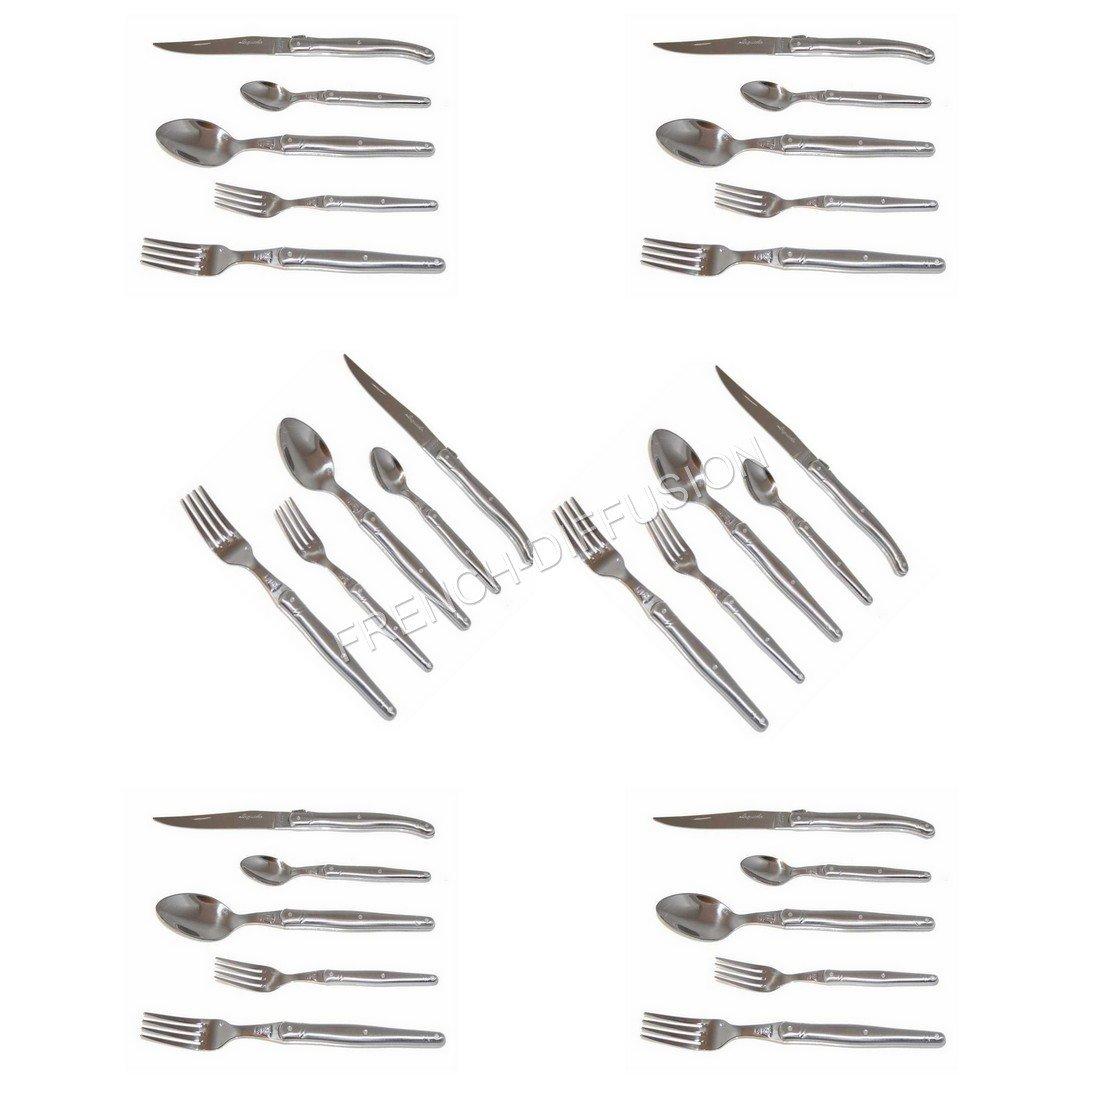 LAGUIOLE® Jean DUBOST - Cubertería completa de 30 piezas, acero inoxidable 25/10, hoja de 2,5 mm de espesor - compuesta por: 6 cuchillos de mesa + 6 ...